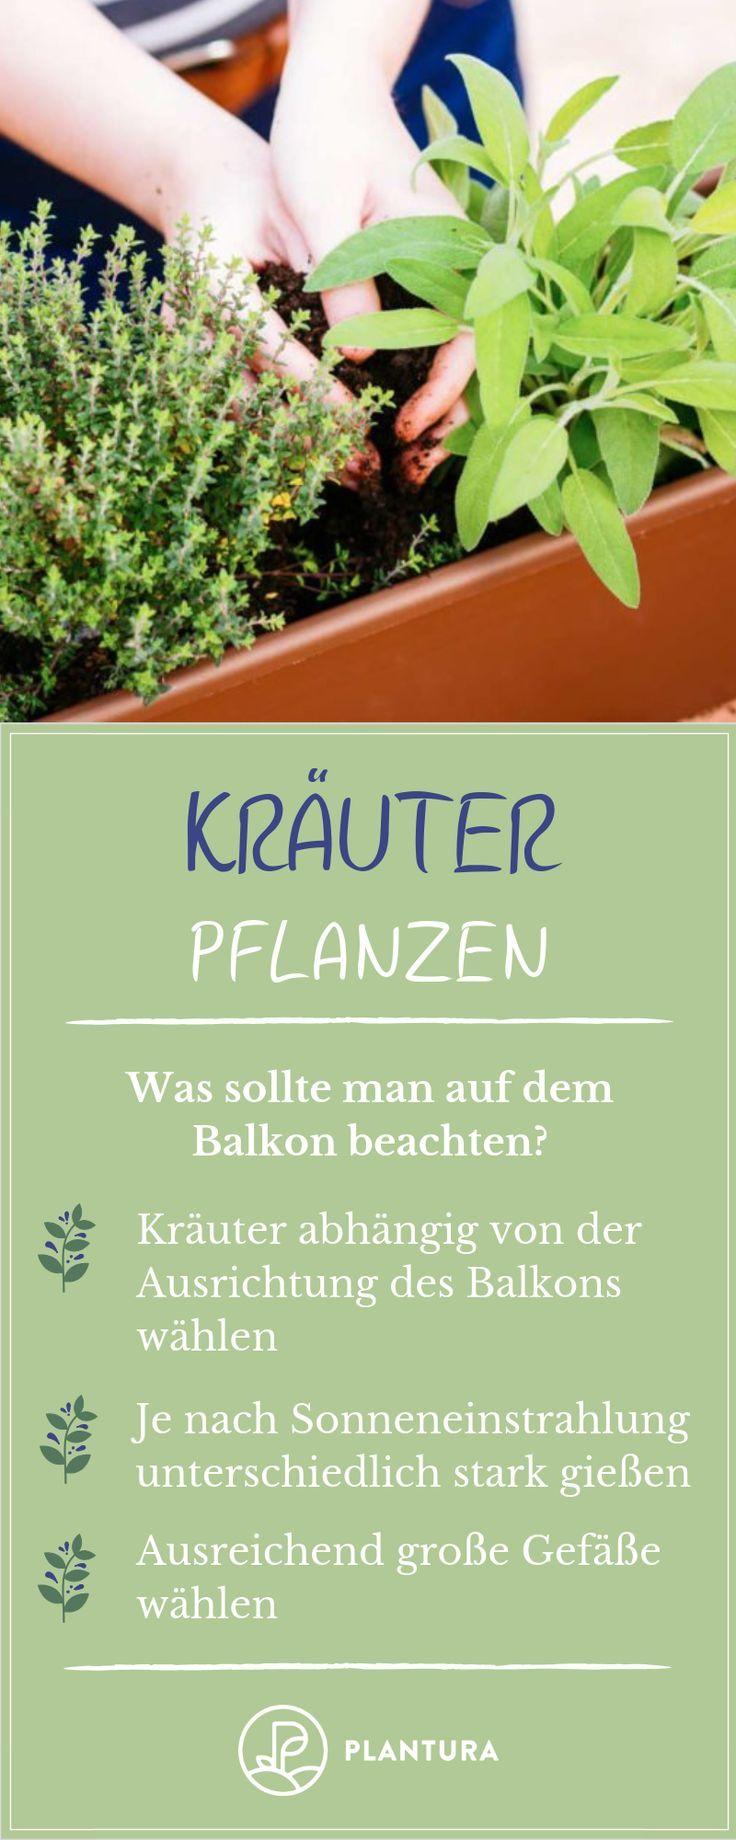 Kräuter pflanzen: Anleitungen & Tipps für Fensterbrett, Balkon & Beet